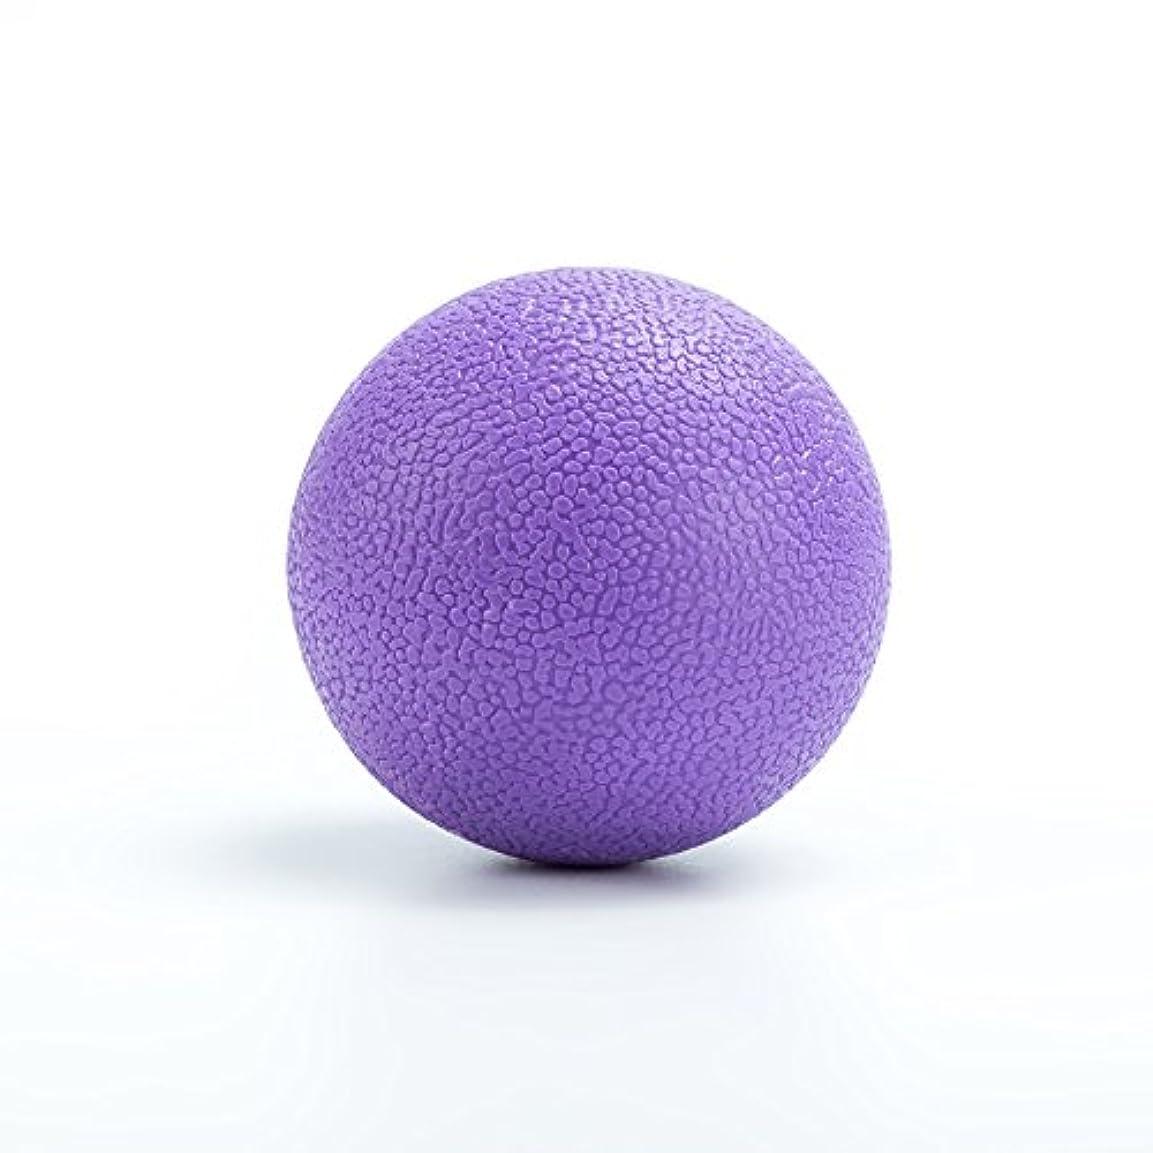 ルネッサンス高い確執Massage Ball マッサージボール 筋膜リリース Yoga Lacrosse Ball 背中 肩こり 腰 ふくらはぎ 足裏 ツボ押しグッズ